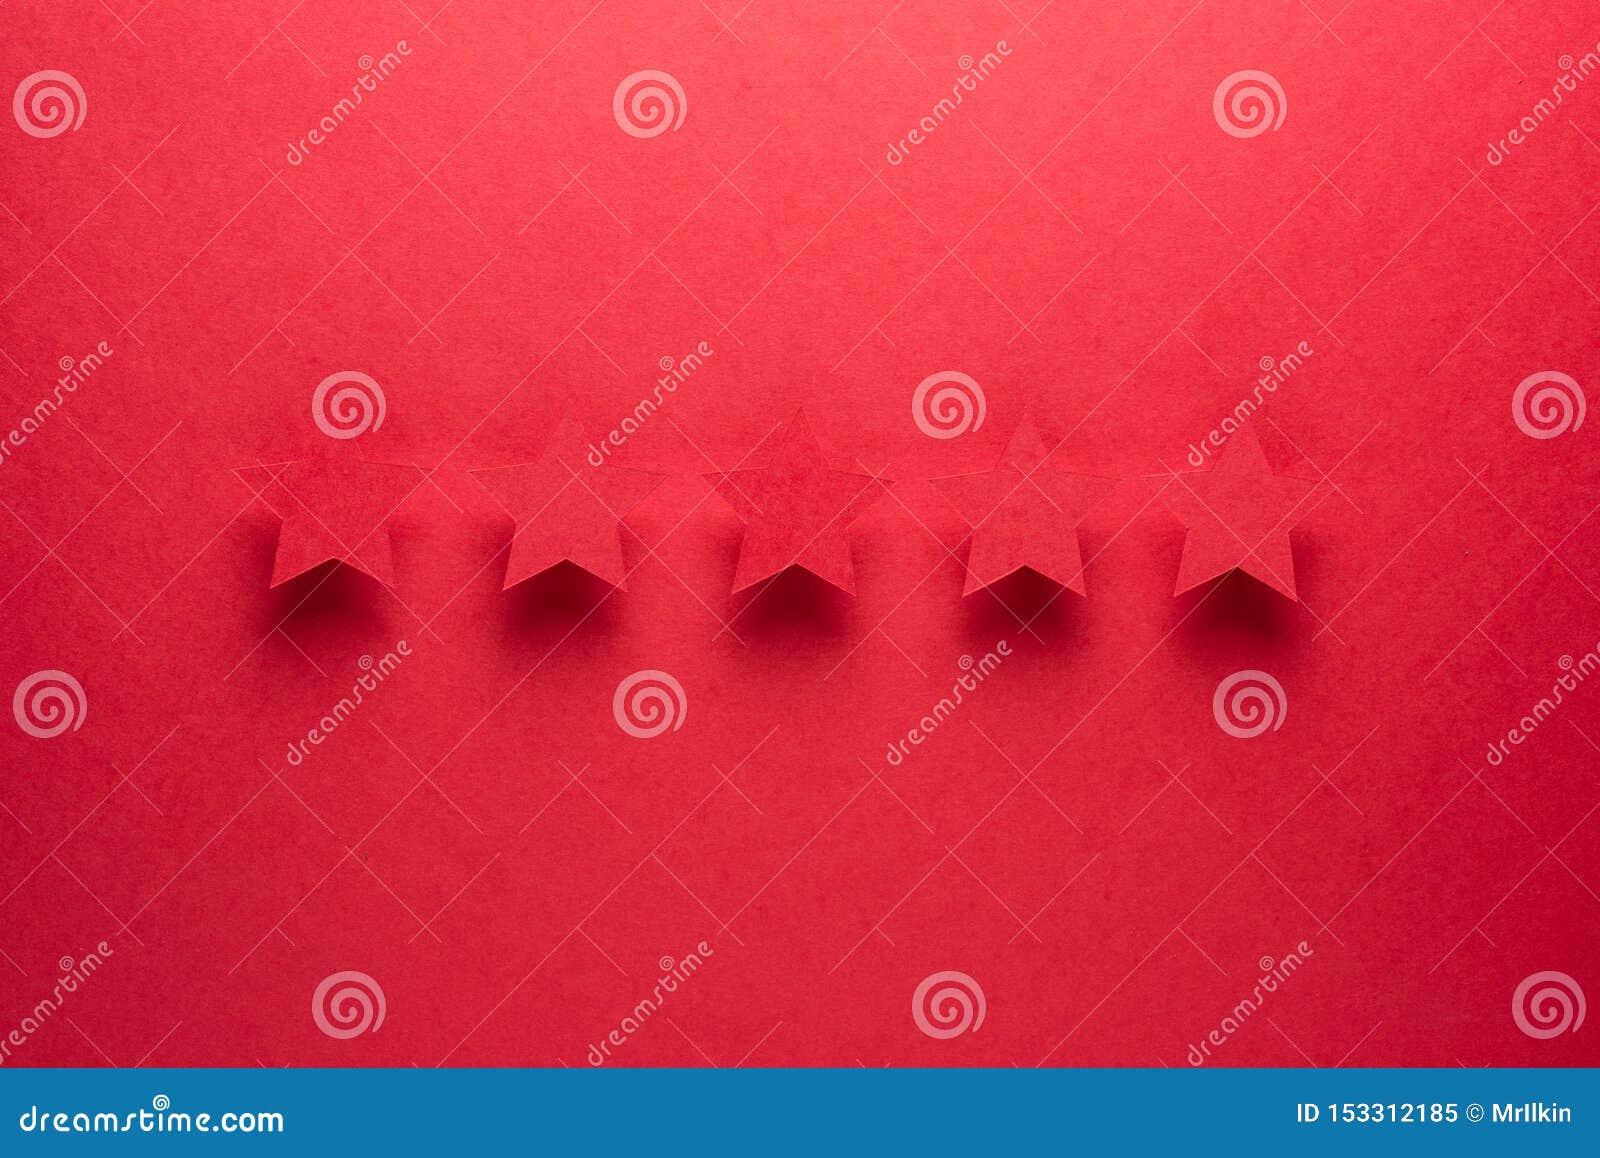 Έννοια ανατροφοδότησης Πέντε κόκκινα αστέρια εγγράφου της έγκρισης σε ένα κόκκινο υπόβαθρο